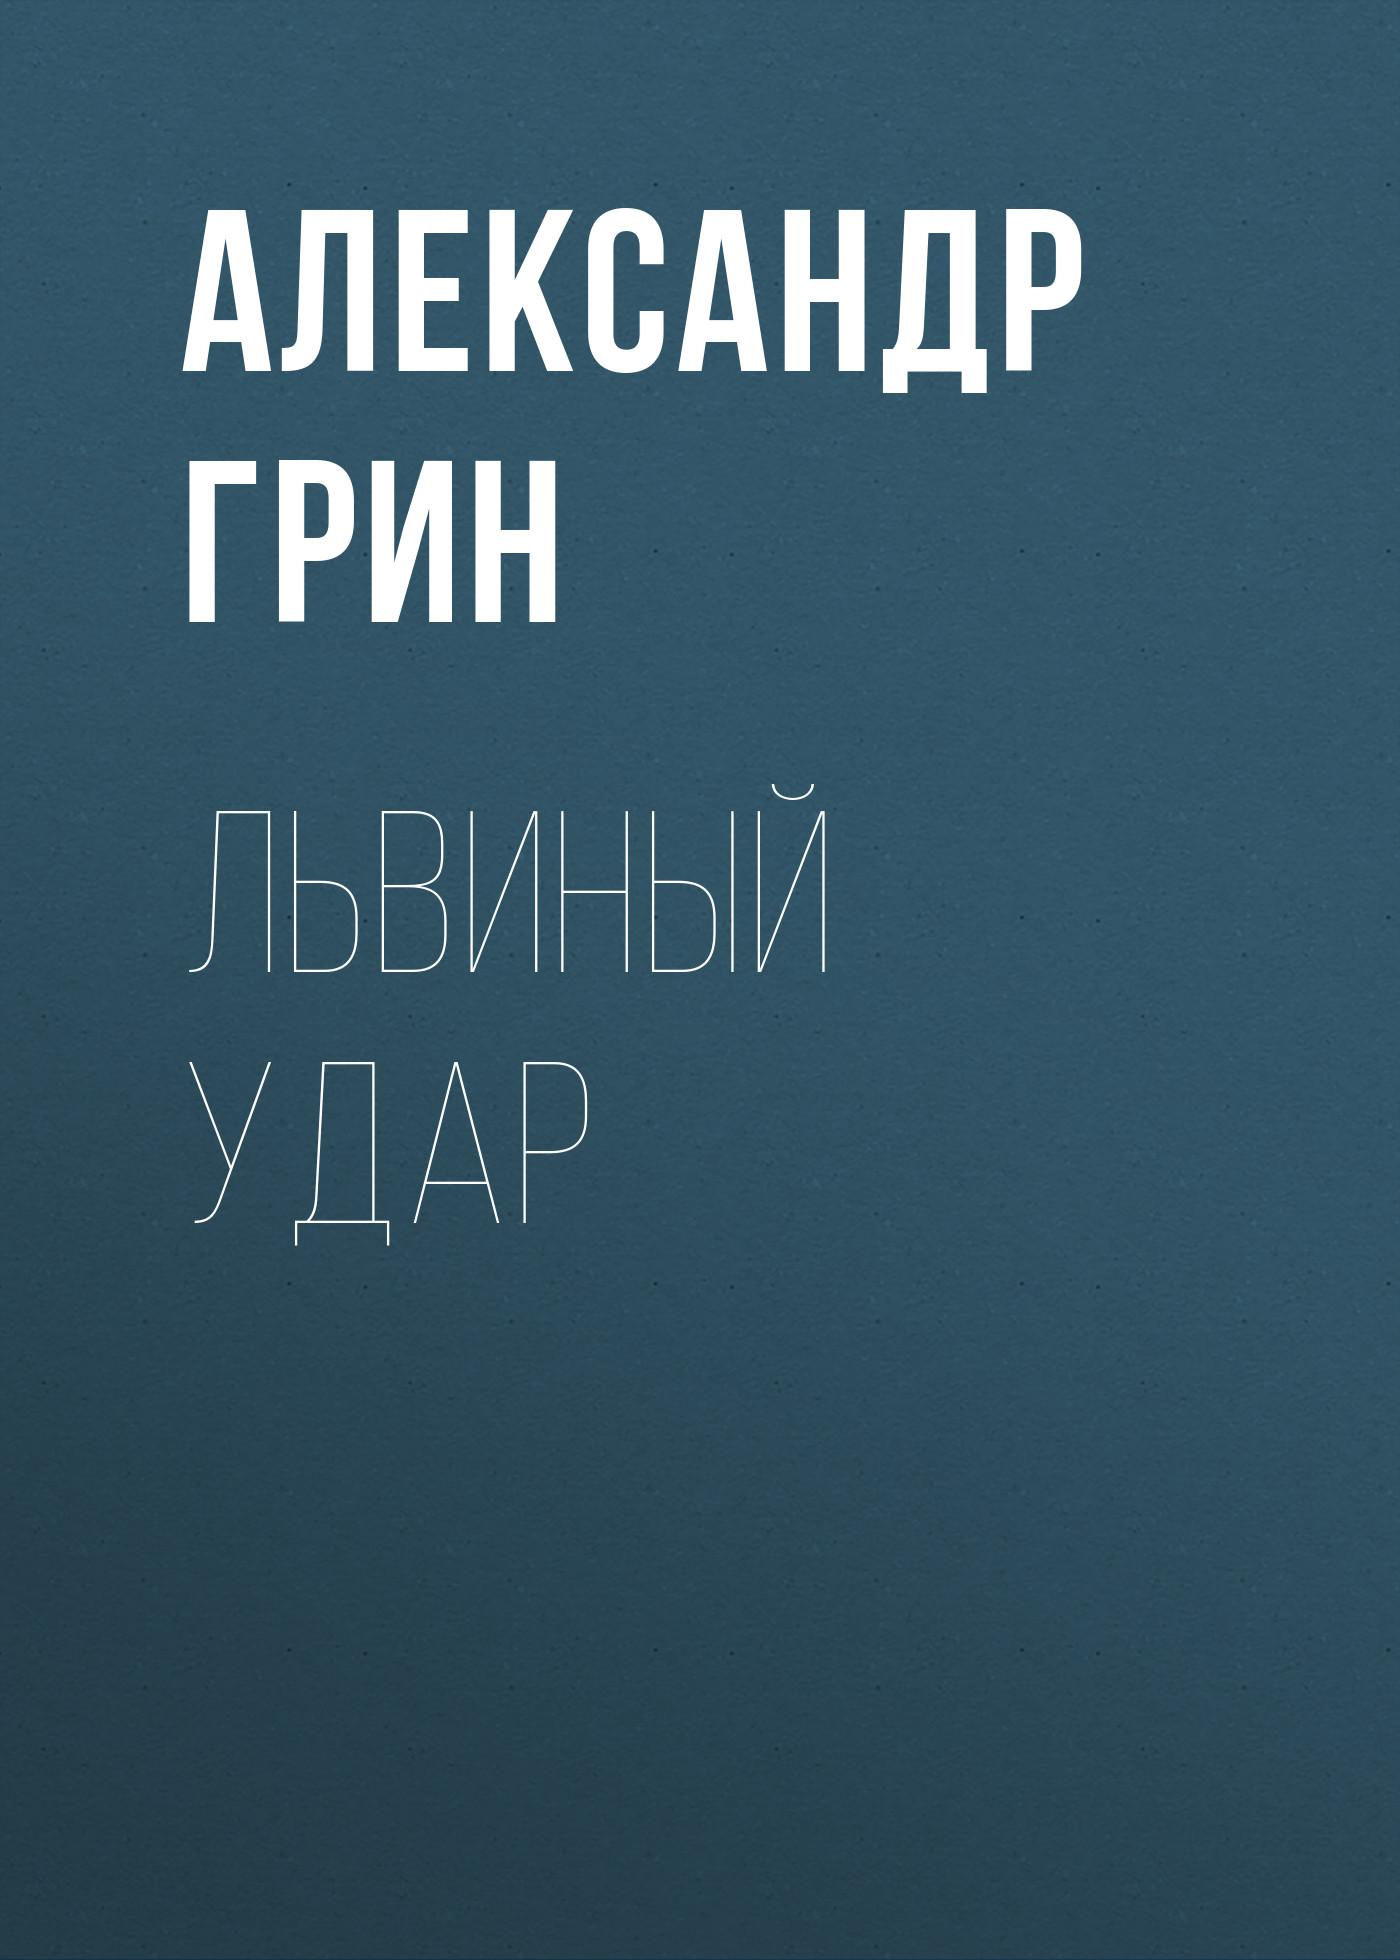 Александр Грин Львиный удар александр гущин мёртвый лейтенант мёртвые сраму неимут